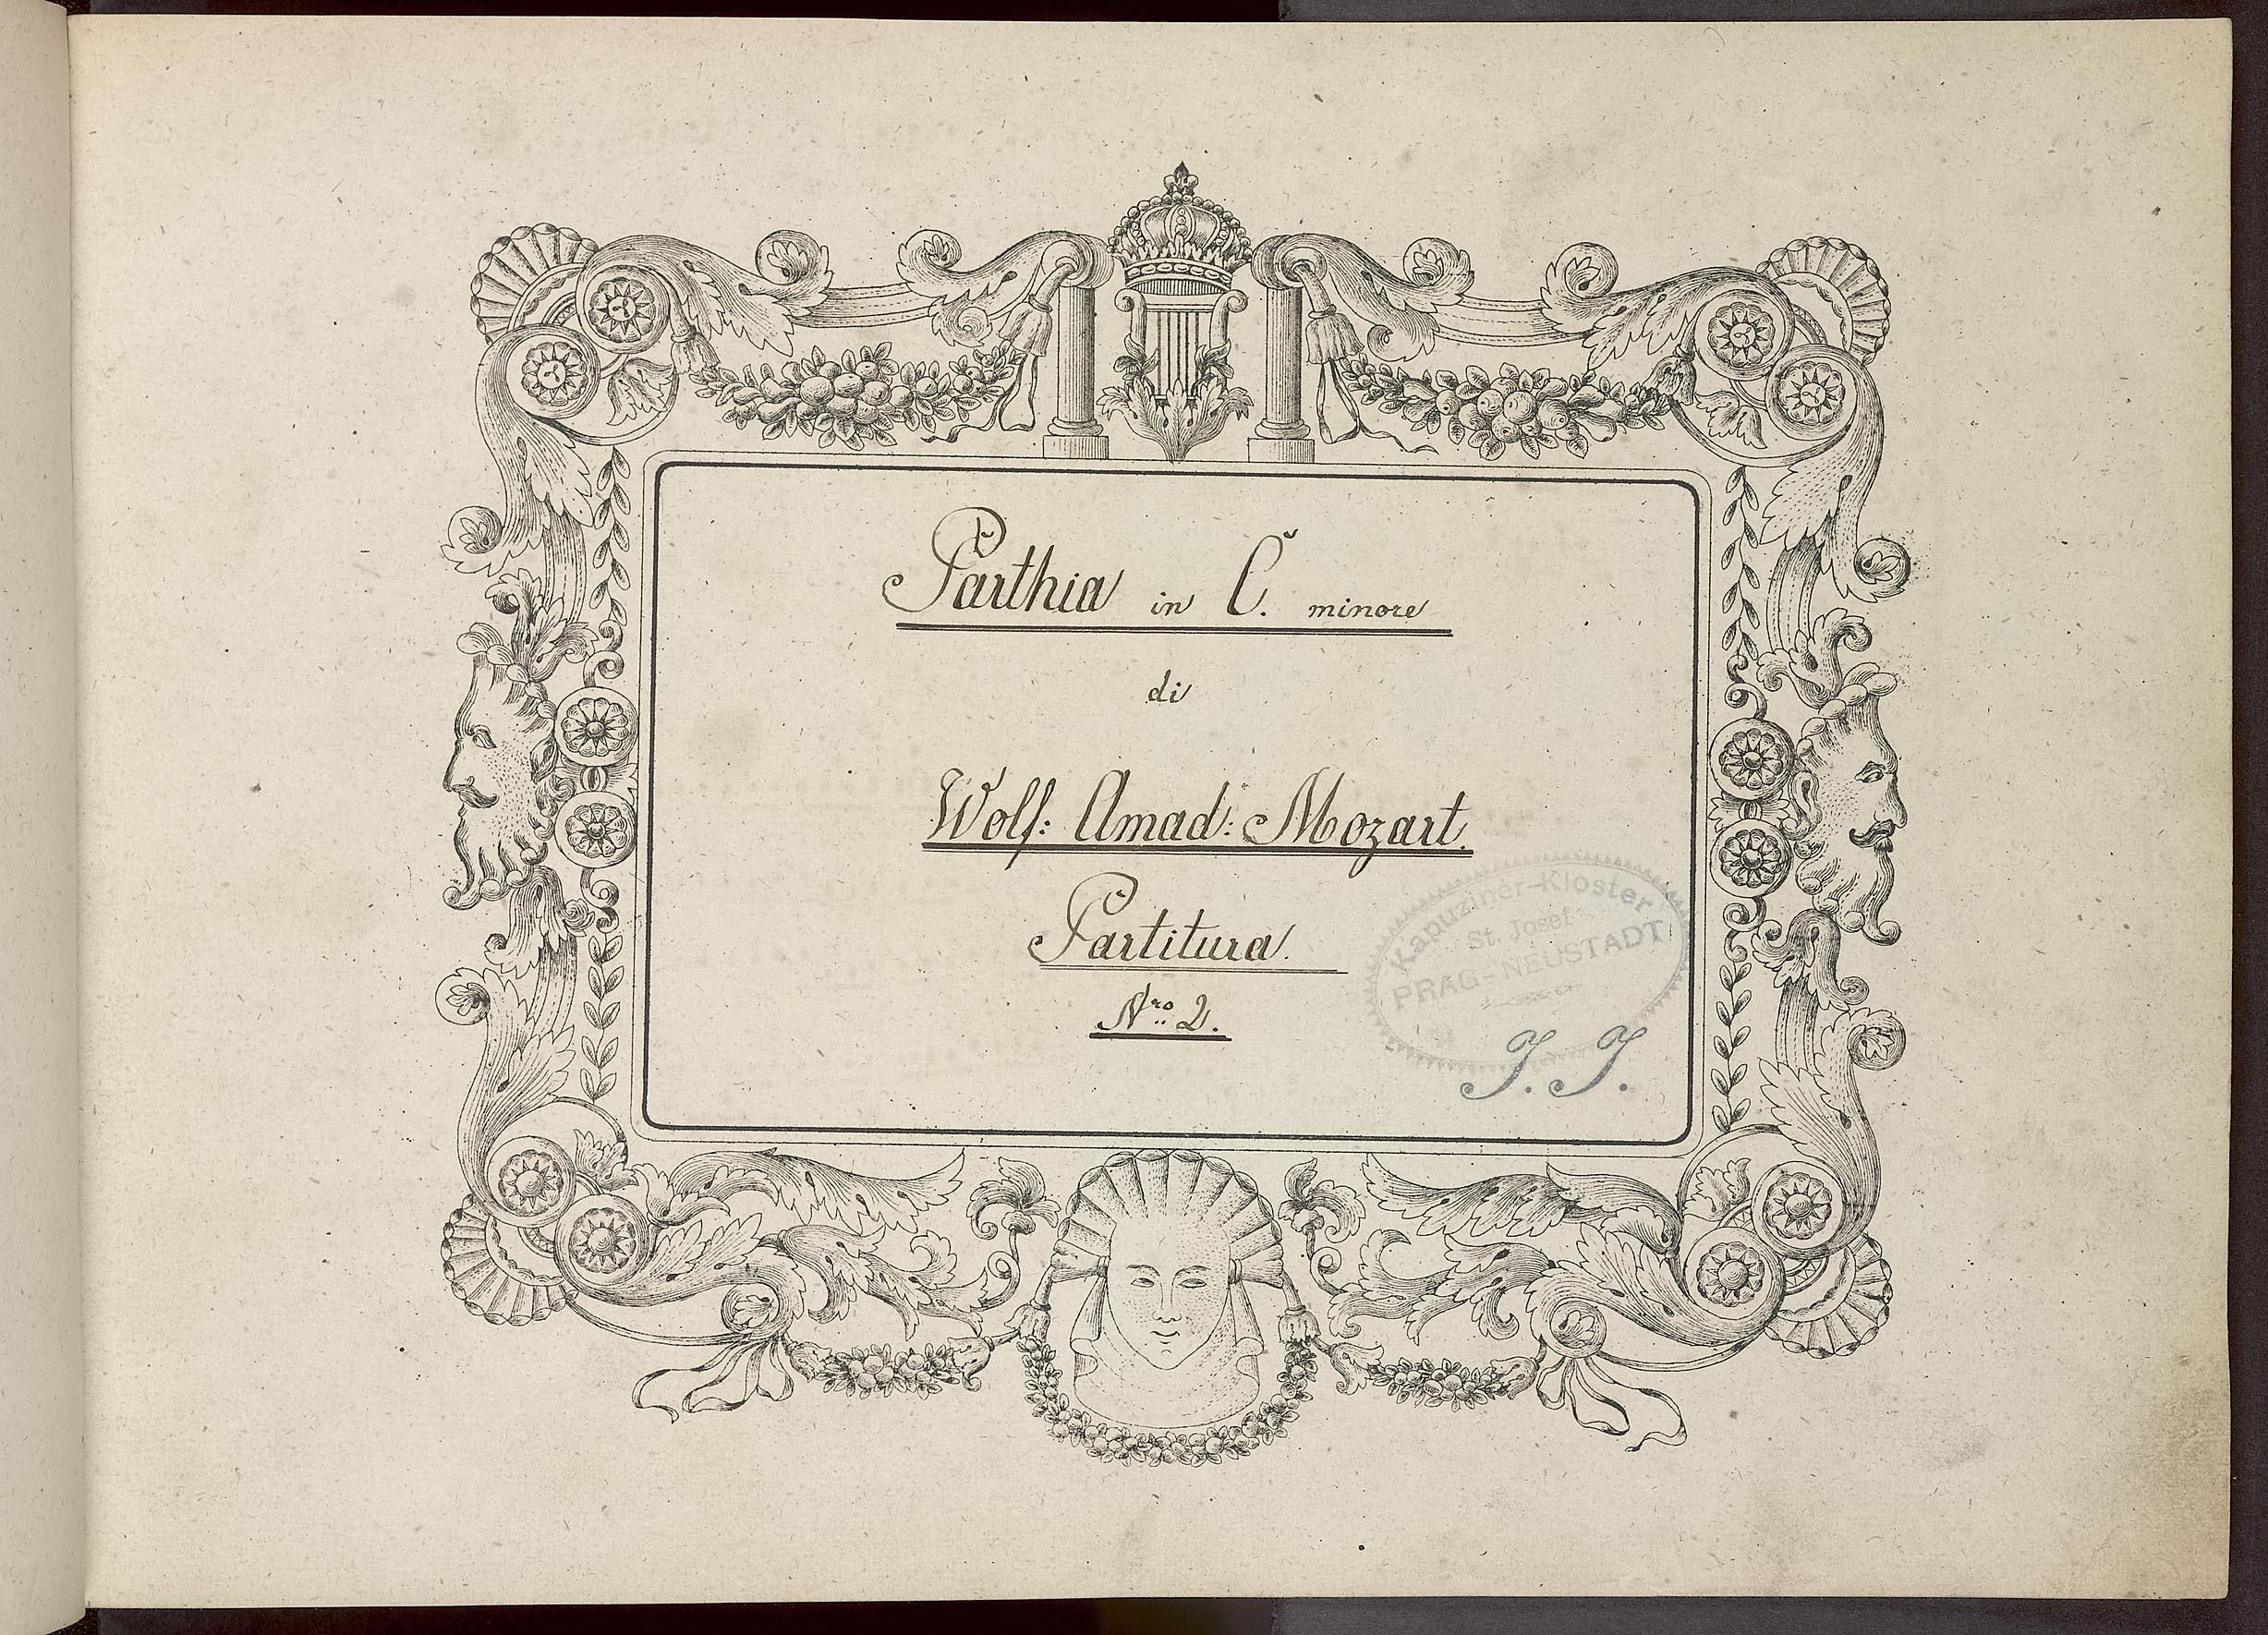 Octett für 2 Oboen, 2 Clarinetten, 2 Horn[er] und 2 Fagotten von W. A. Mozart